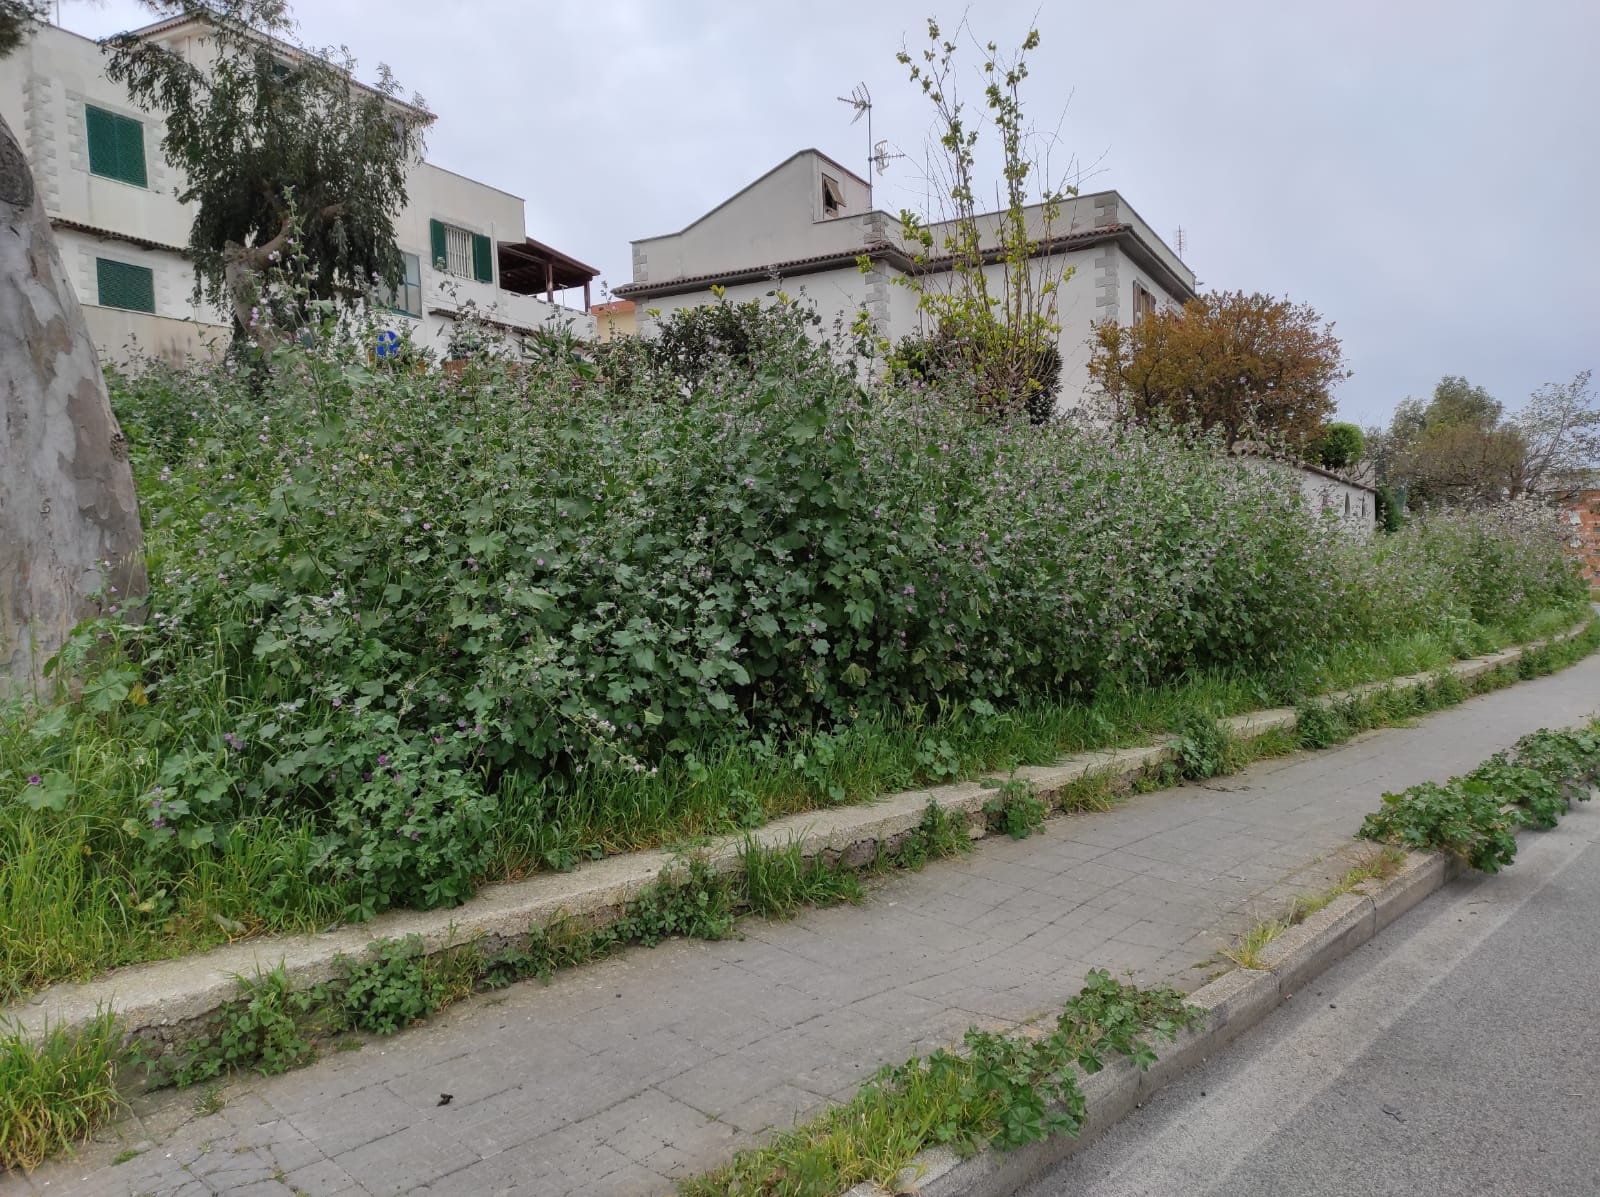 Via Nenni, erba alta e sterpaglie: i residenti alzano la voce